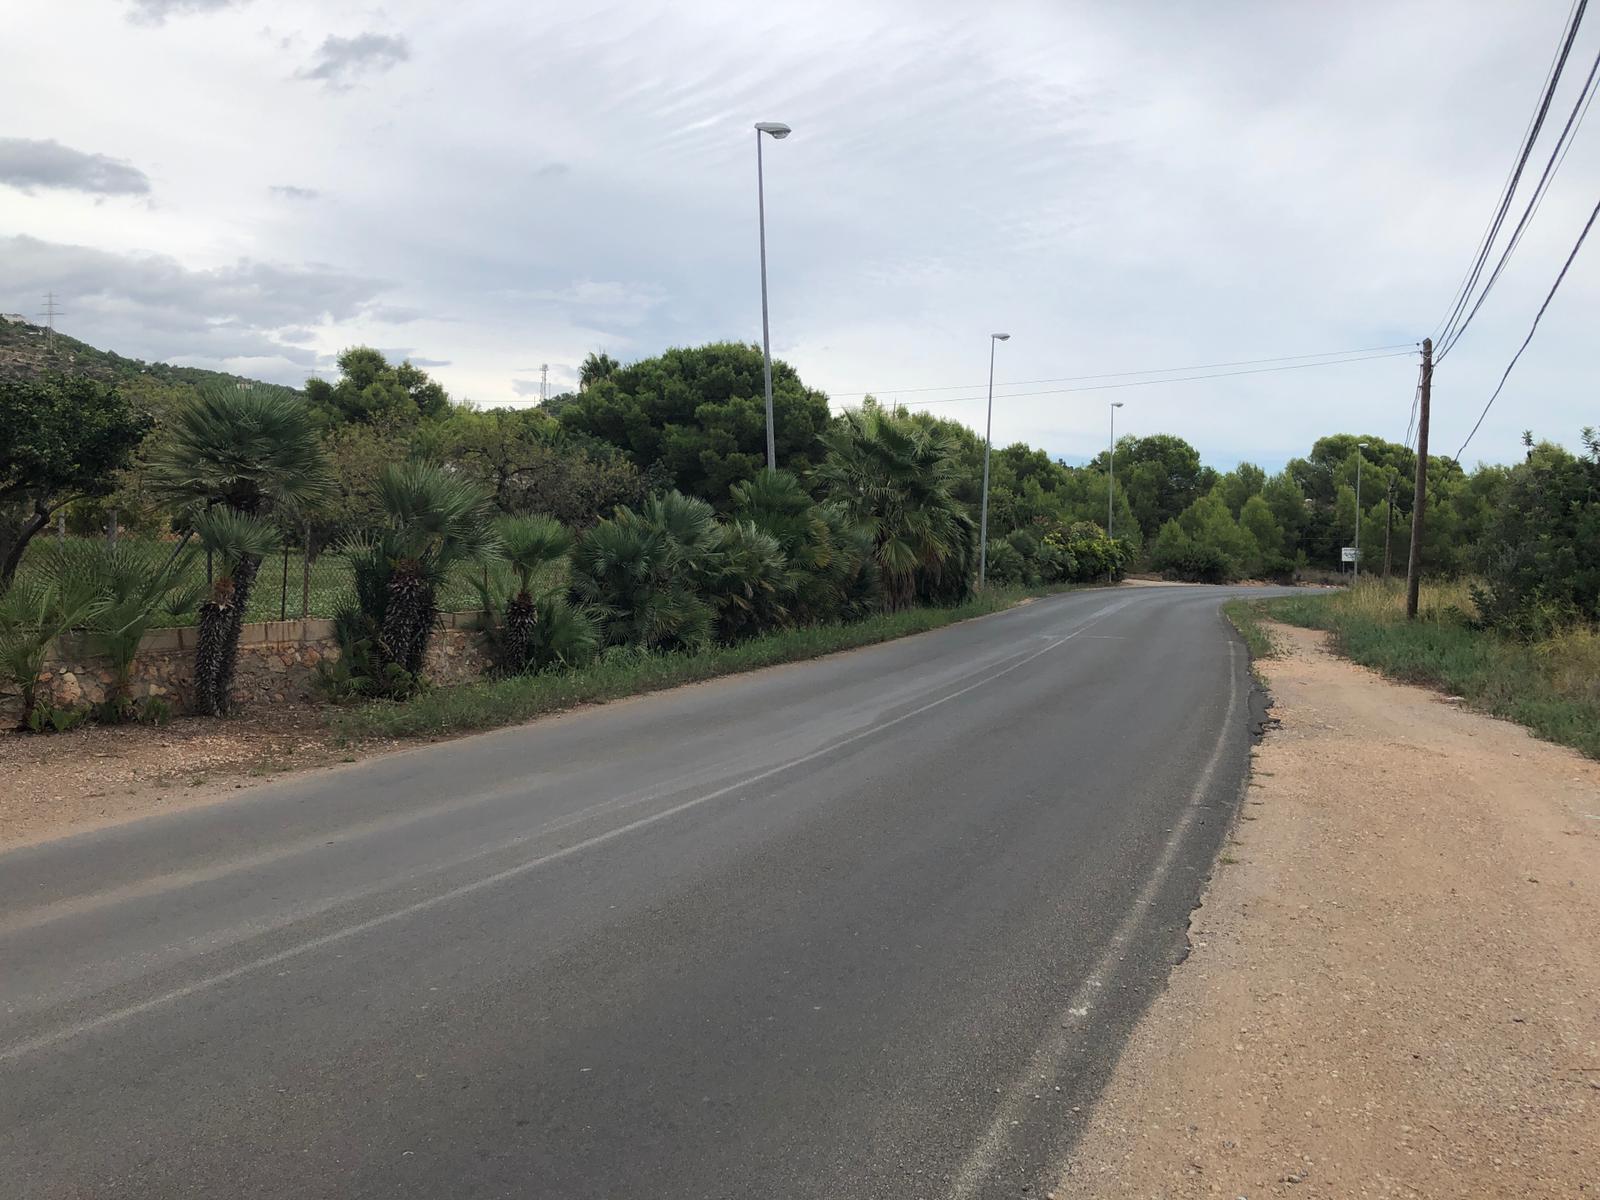 L'Ajuntament d'Alcalà-Alcossebre licita l'obra de millora de la carretera de les Fonts